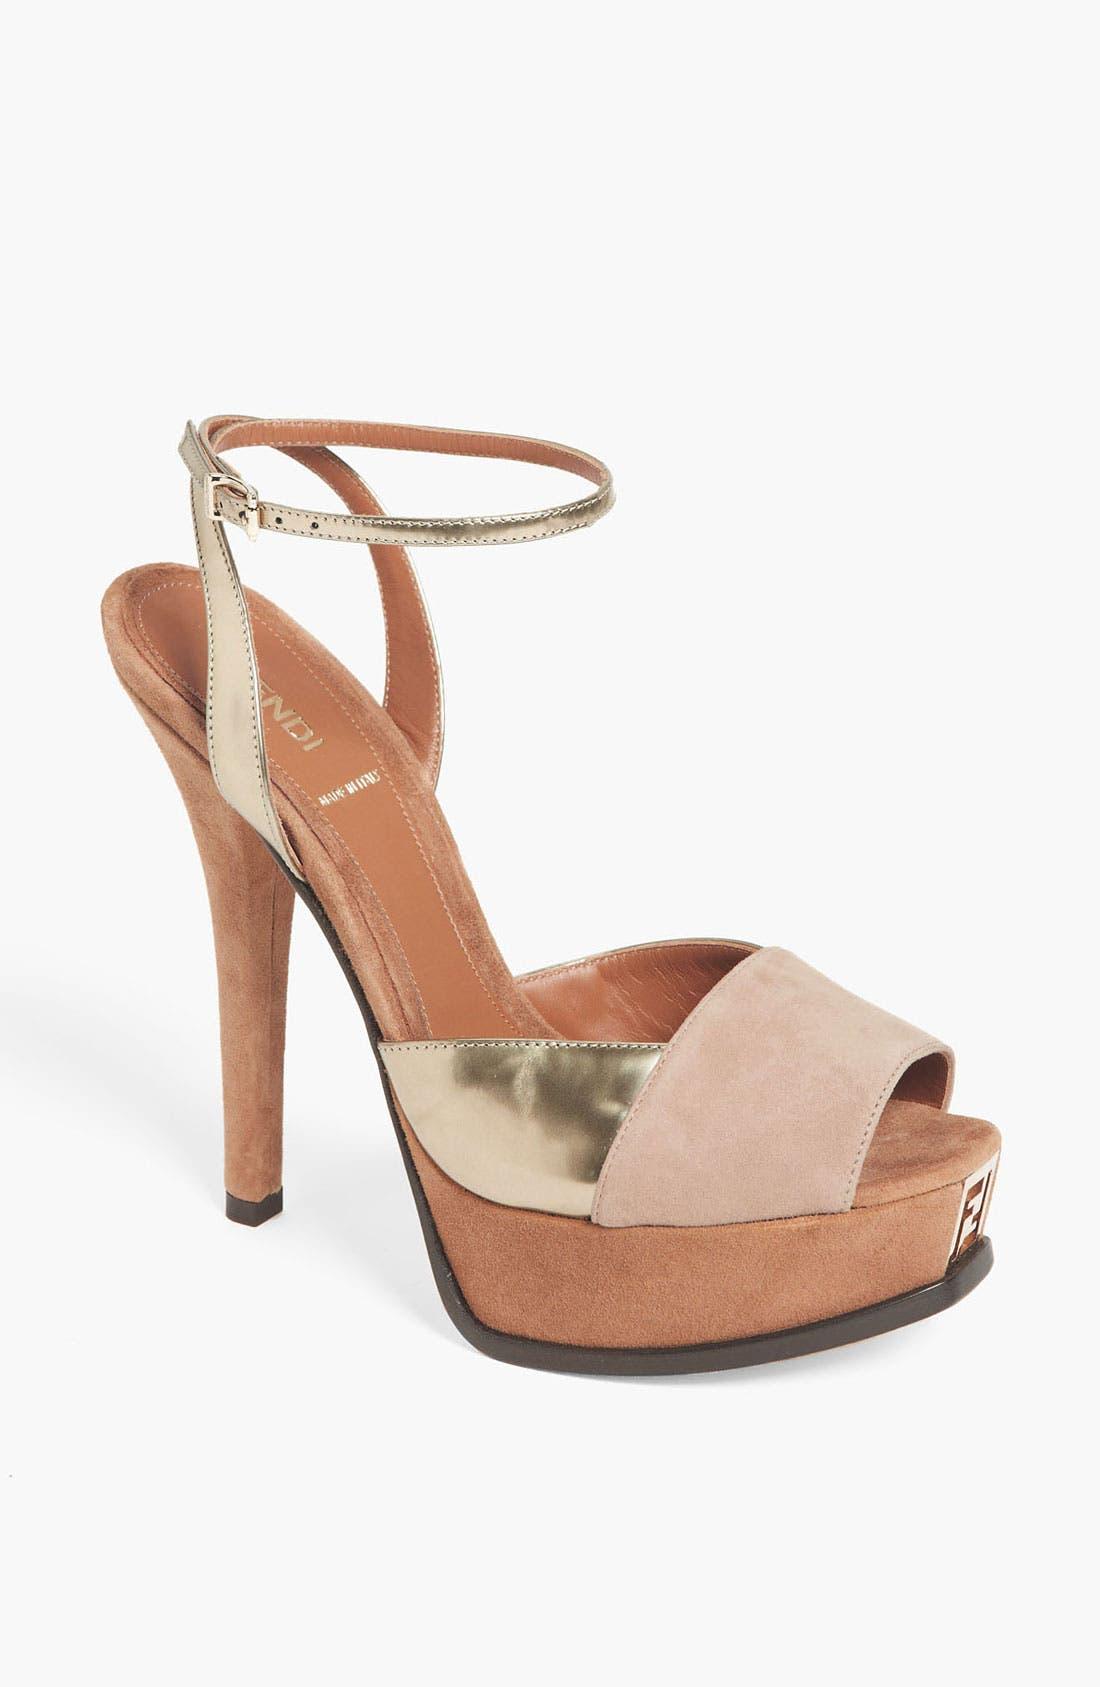 Alternate Image 1 Selected - Fendi 'Fendista' Sandal